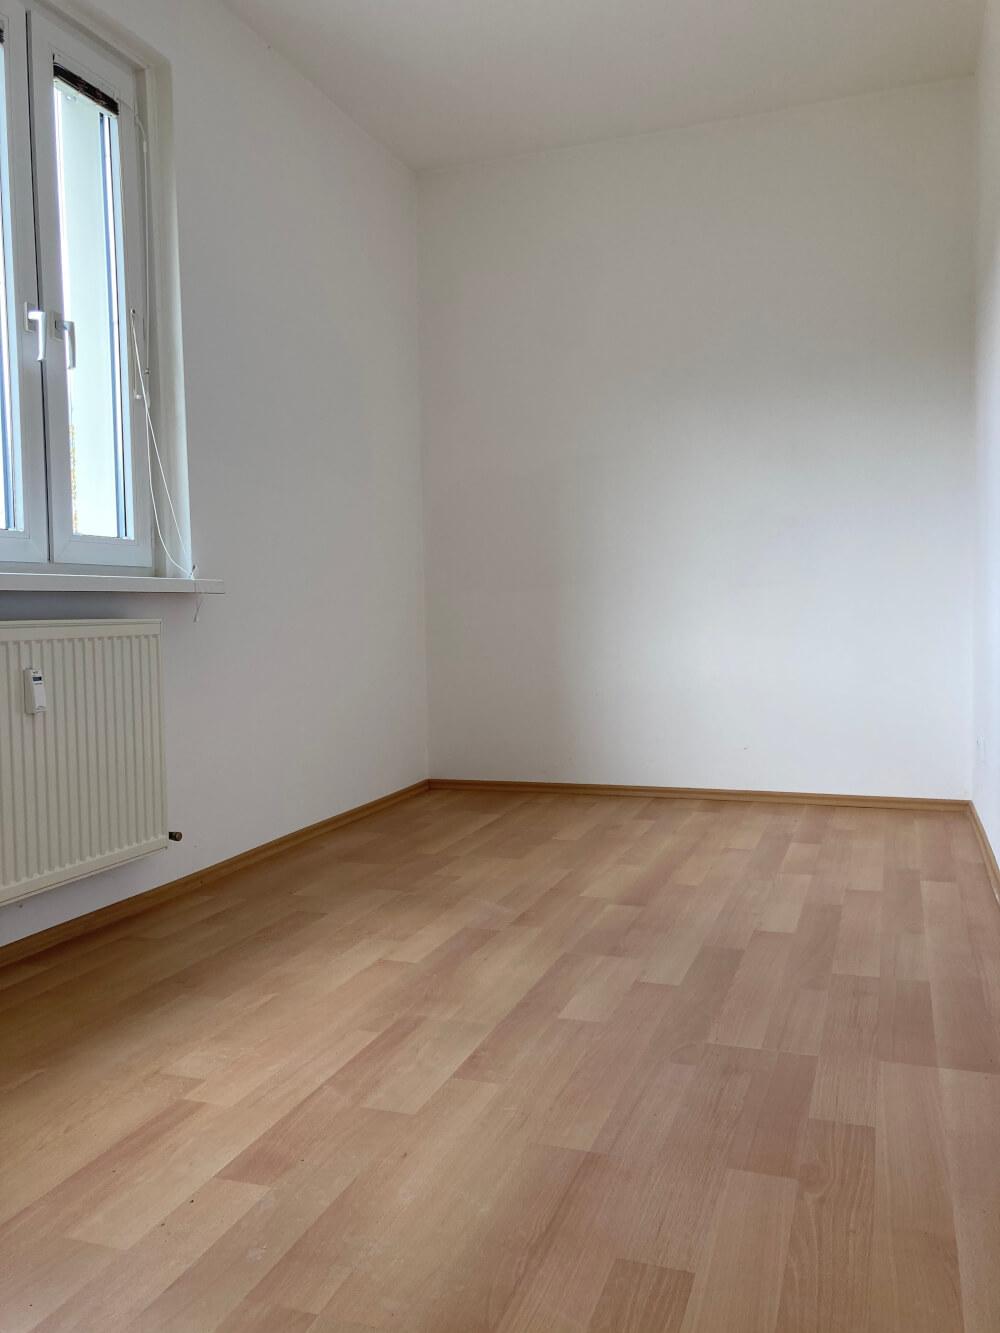 Immobilie von BWSG in Anton-Wildgans-Gasse 7/016, 8750 Judenburg #2